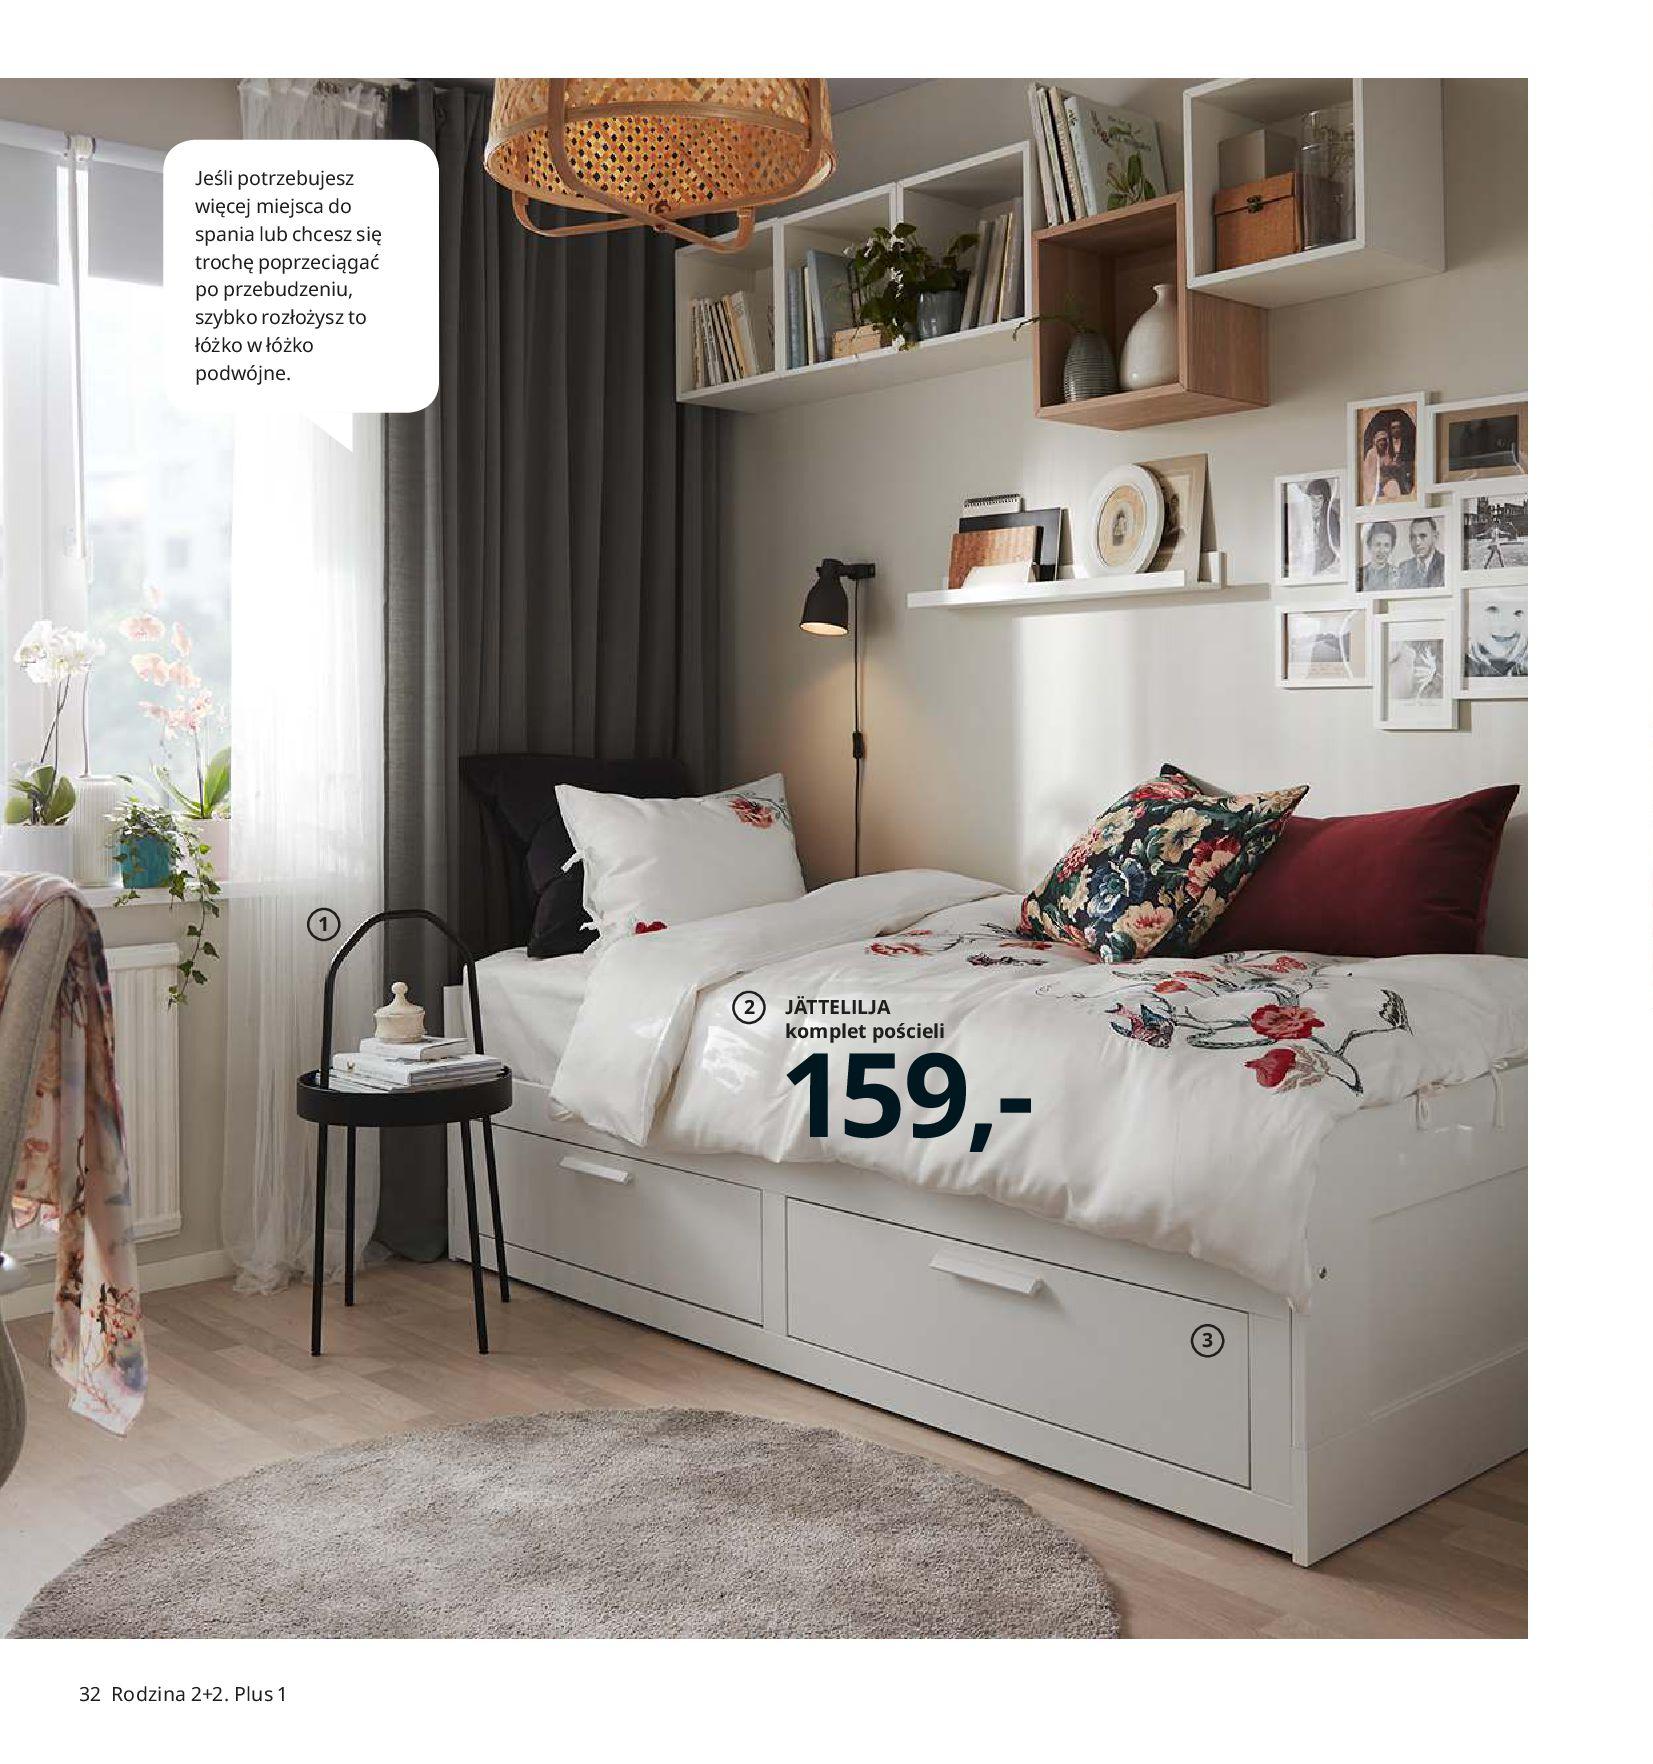 Gazetka IKEA - Katalog IKEA 2020-25.08.2019-31.07.2020-page-32